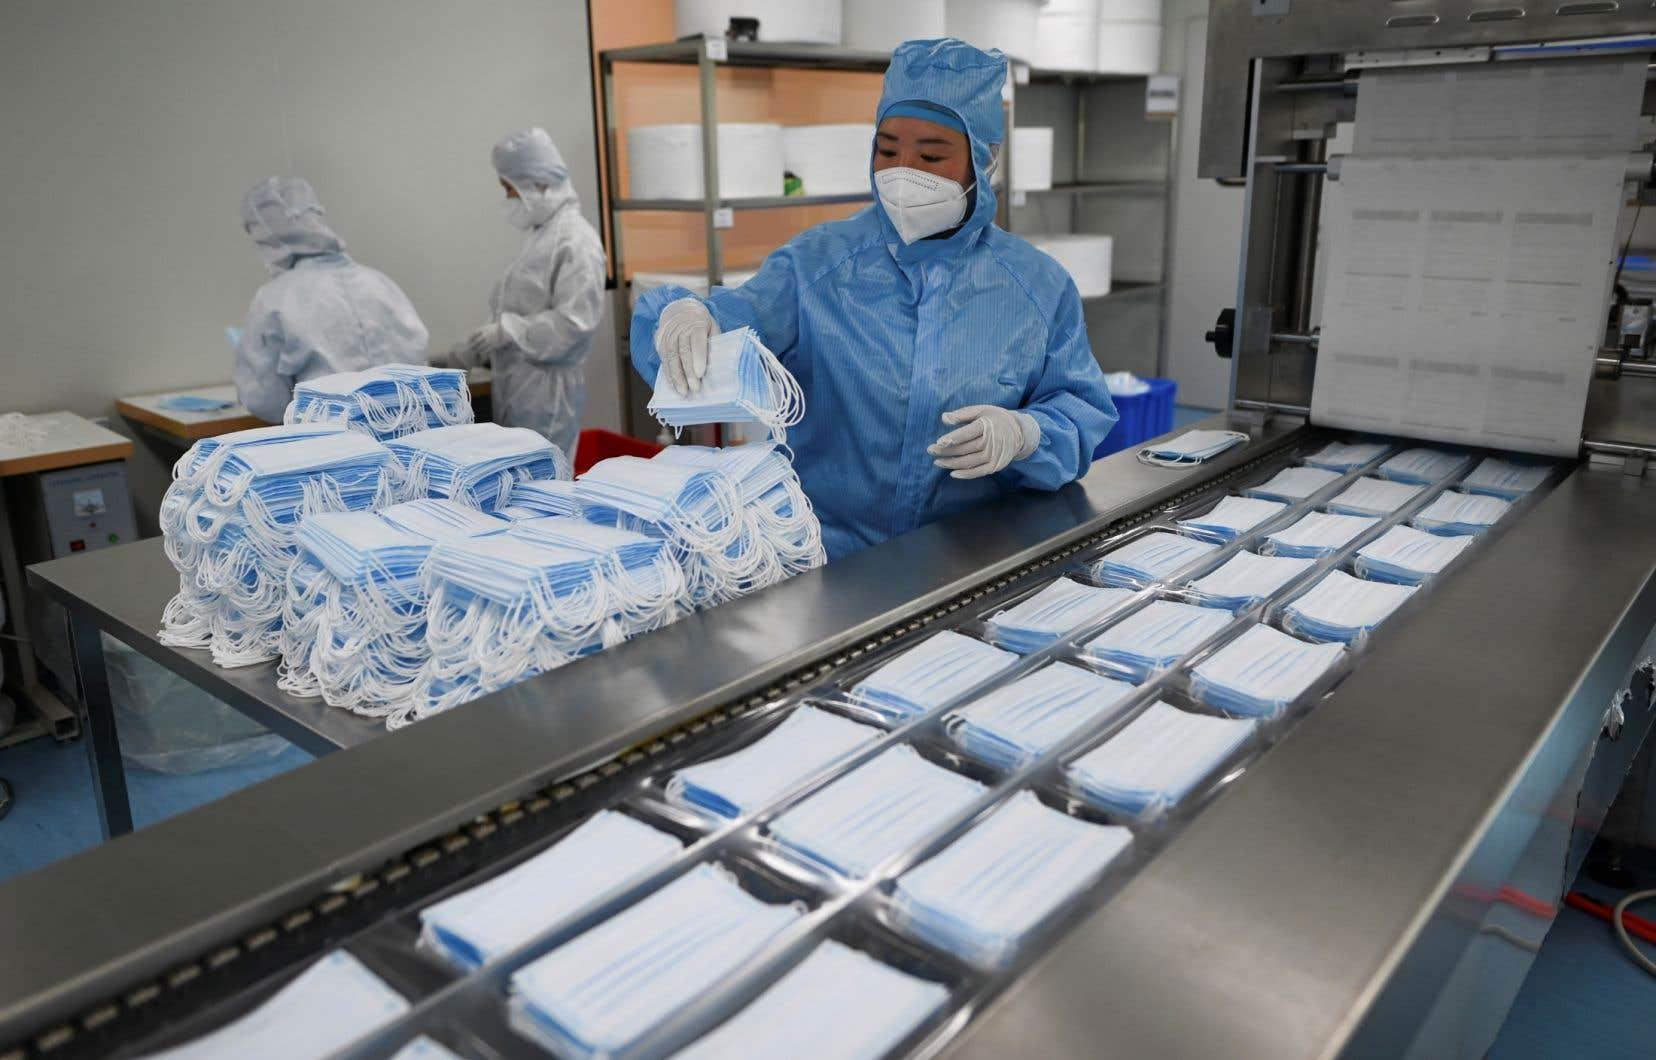 Les masques chirurgicaux et les masques de protection N95 requièrent de nombreuses étapes de production relativement sophistiquées.